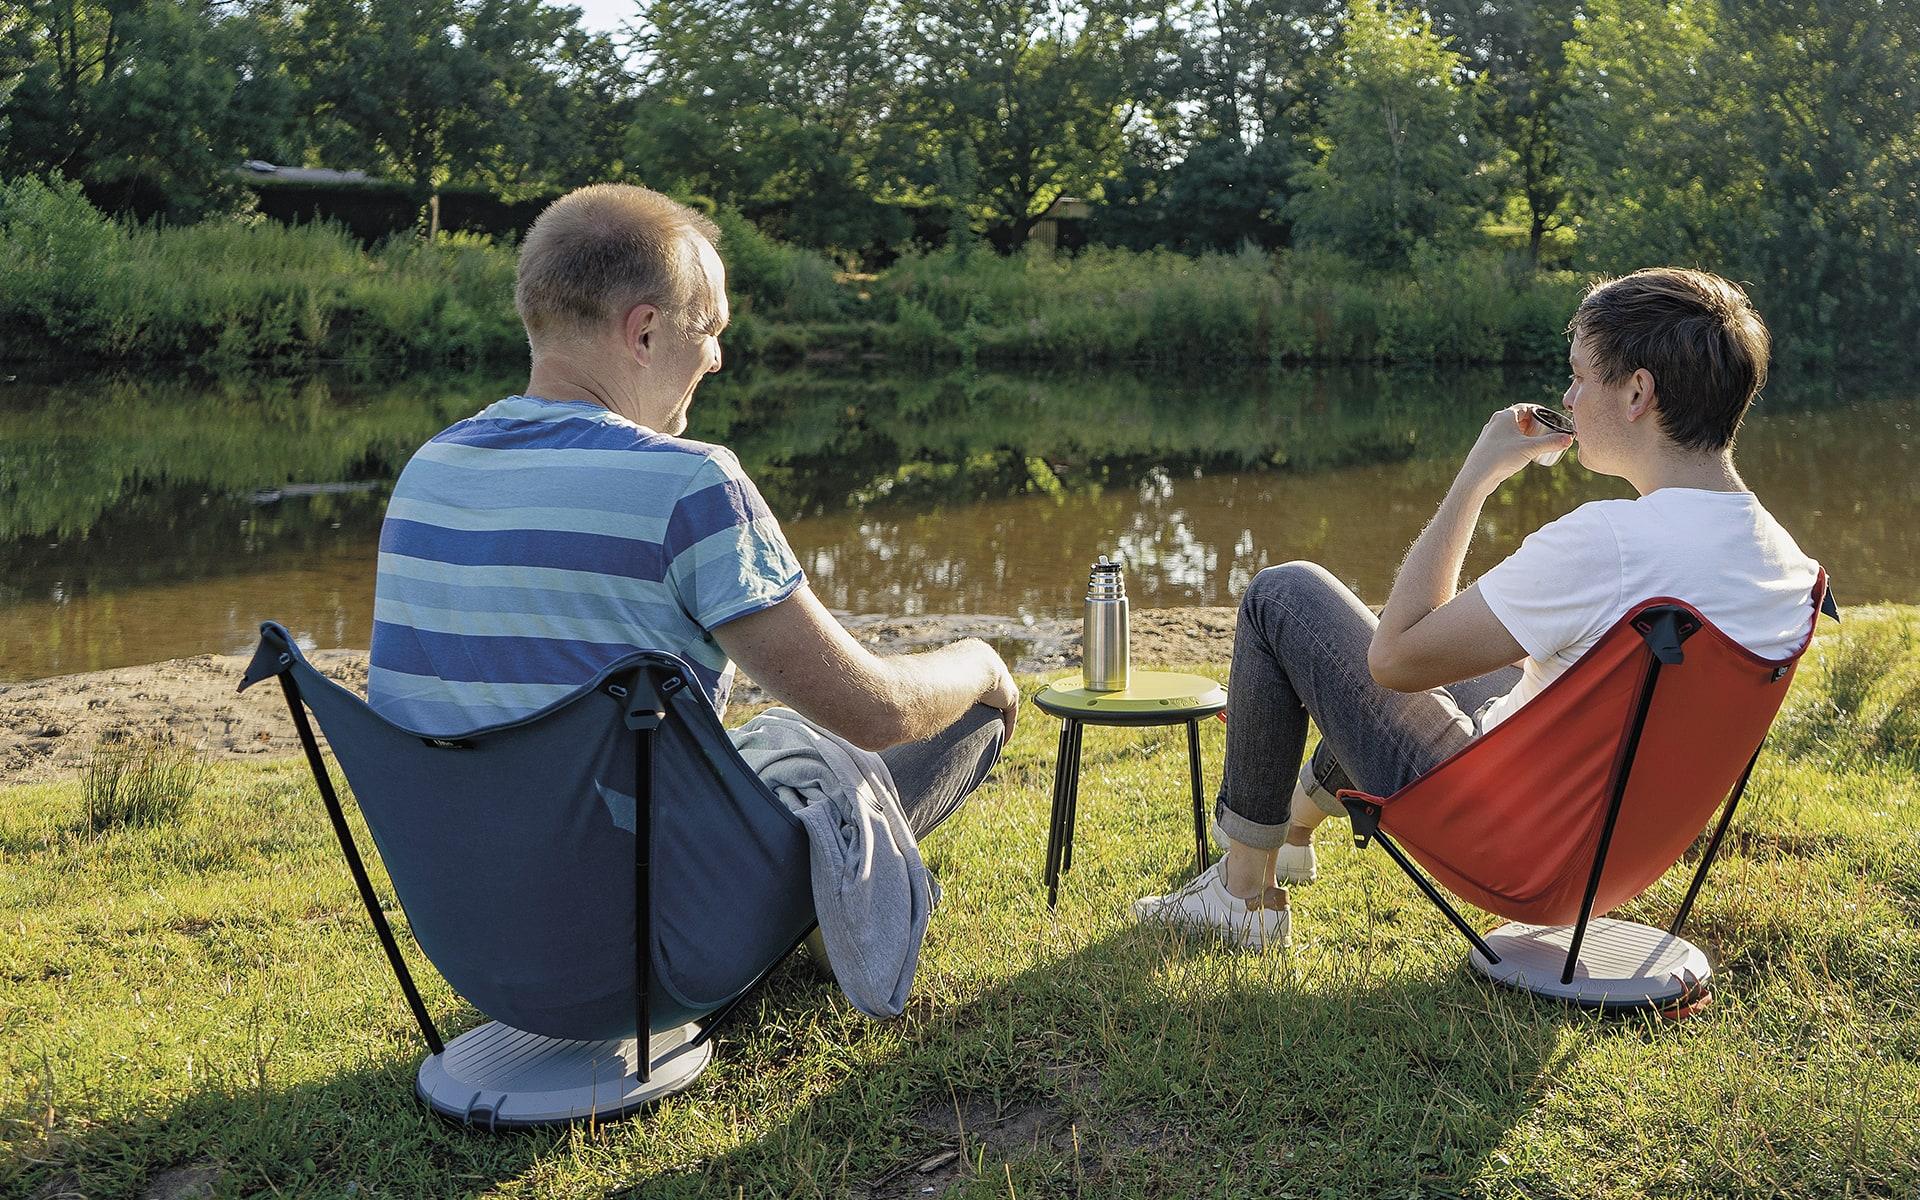 Zwei Männer sitzen in einem blauen und einem roten Therm-a-Rest Uno Outdoor-Stuhl von ITO Design neben einem Fluss und nutzen einen zusammengeklappten Therm-a-Rest Uno Outdoor-Stuhl als Beistelltisch